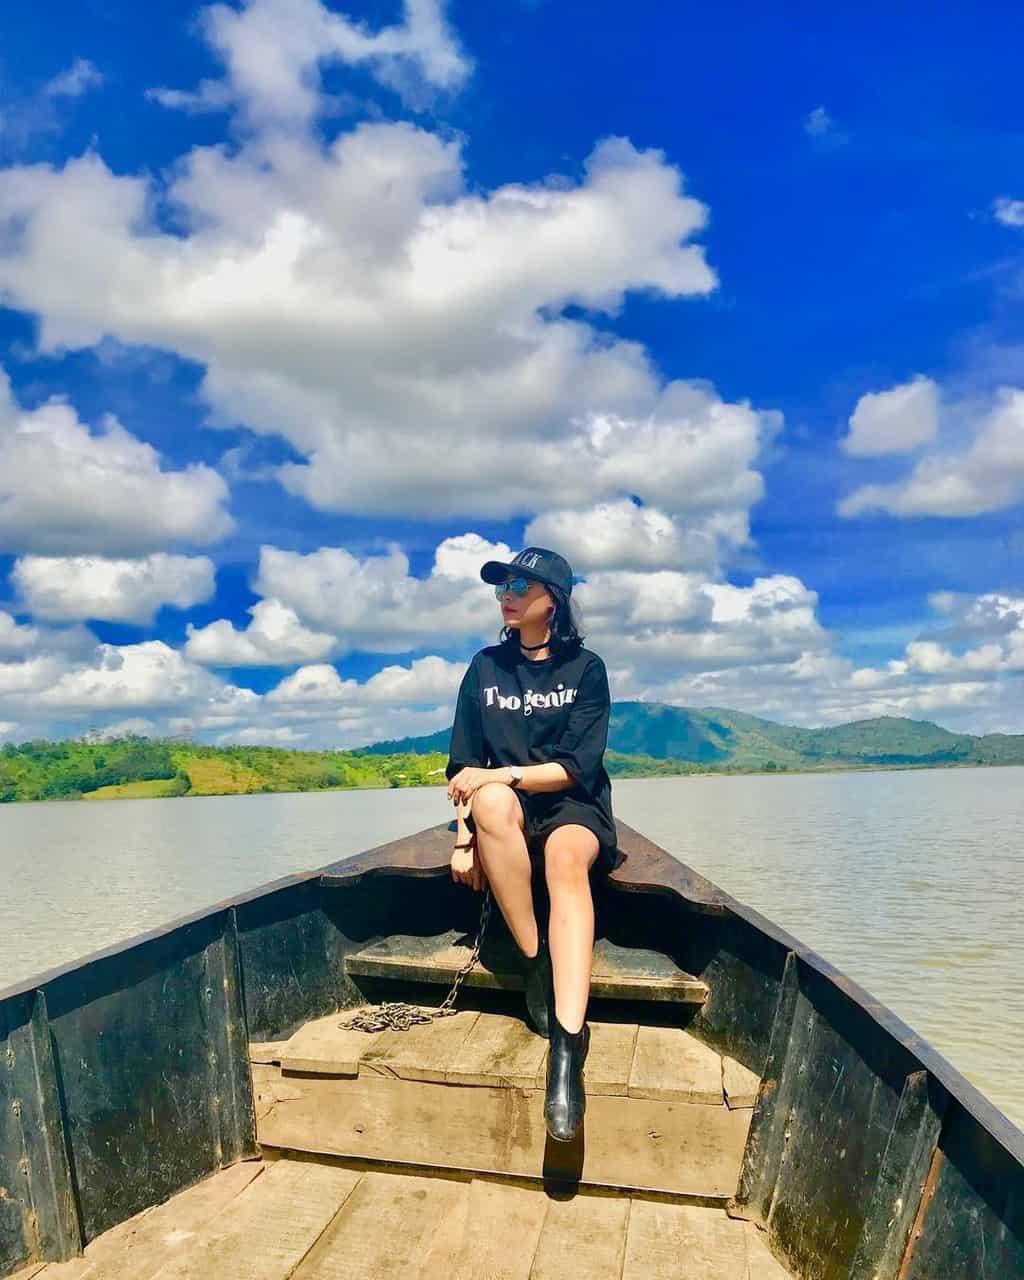 Dạo chơi bằng thuyền trên hồ Lắk. Hình: Sưu tầm